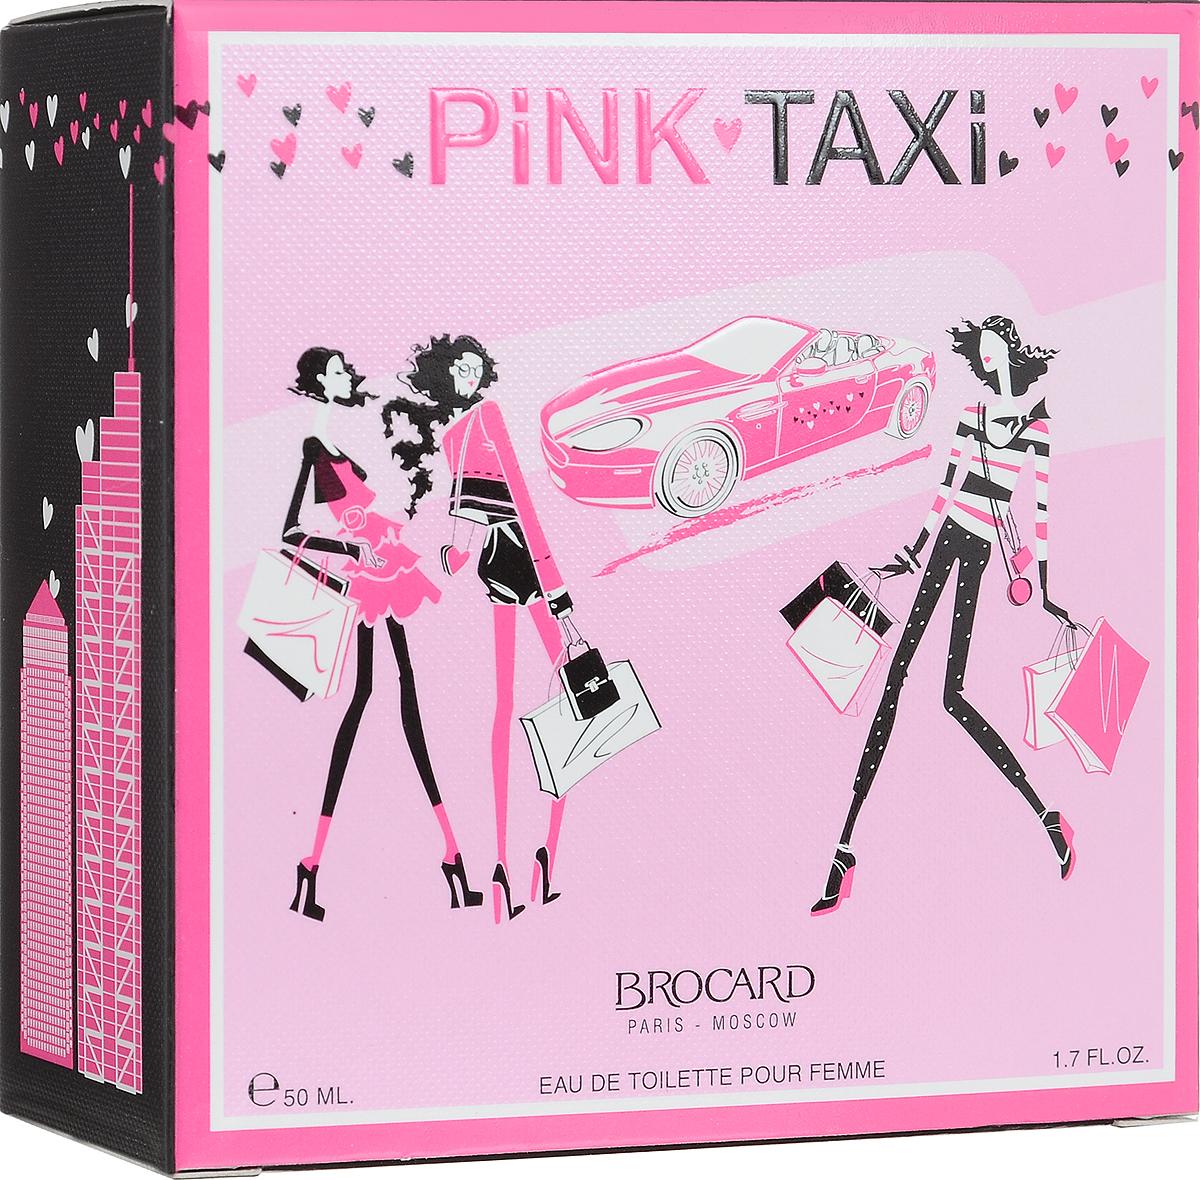 Brocard Pink Taxi Туалетная вода для женщин, 50 мл375508Утонченный, свеже-цветочно-фруктовый, нежный и упоительный.Верхние ноты: земляника, красная смородина, цитрус, красное яблоко, Сердце: жасмин, сладкий горошек, роза, фрезия, Базовые ноты: амбра, сандал, малина, мускус.Уважаемые клиенты! Обращаем ваше внимание на то, что упаковка может иметь несколько видов дизайна. Поставка осуществляется в зависимости от наличия на складе.